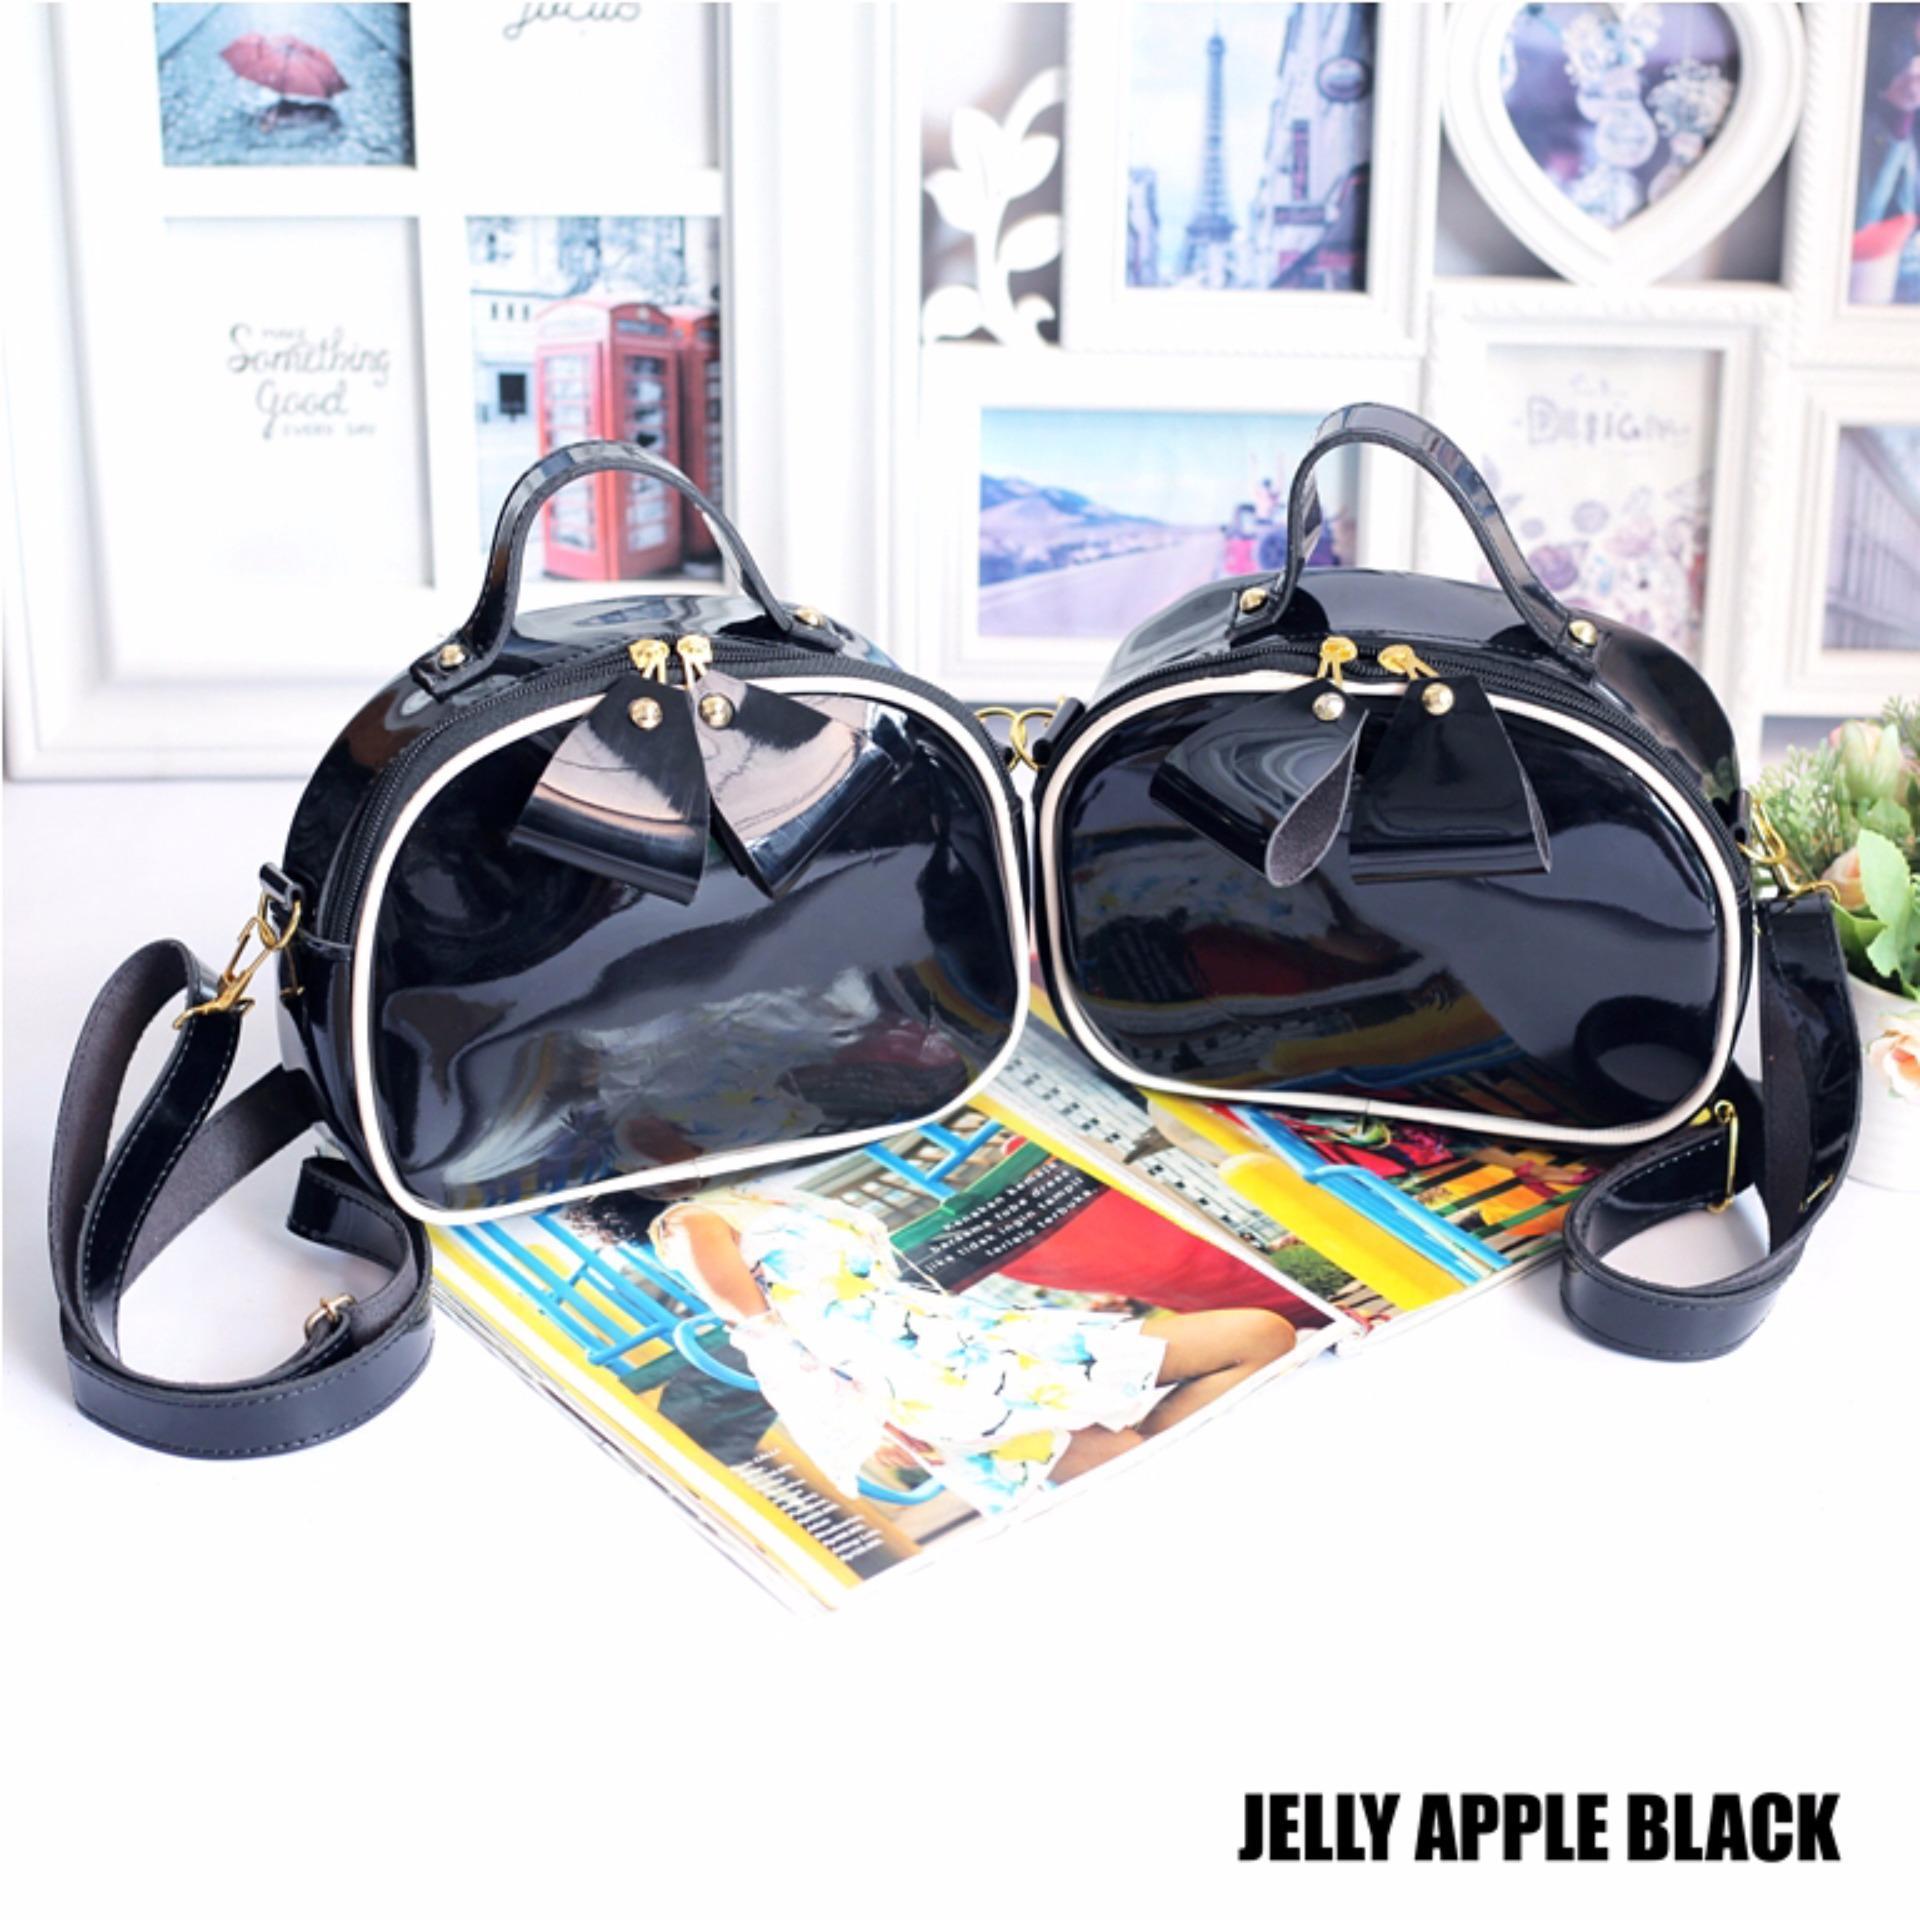 EL PIAZA Tas Selempang Jelly Apel BLACK - Ransel Mini Ransel Lucu Tas Ransel Sling Bag